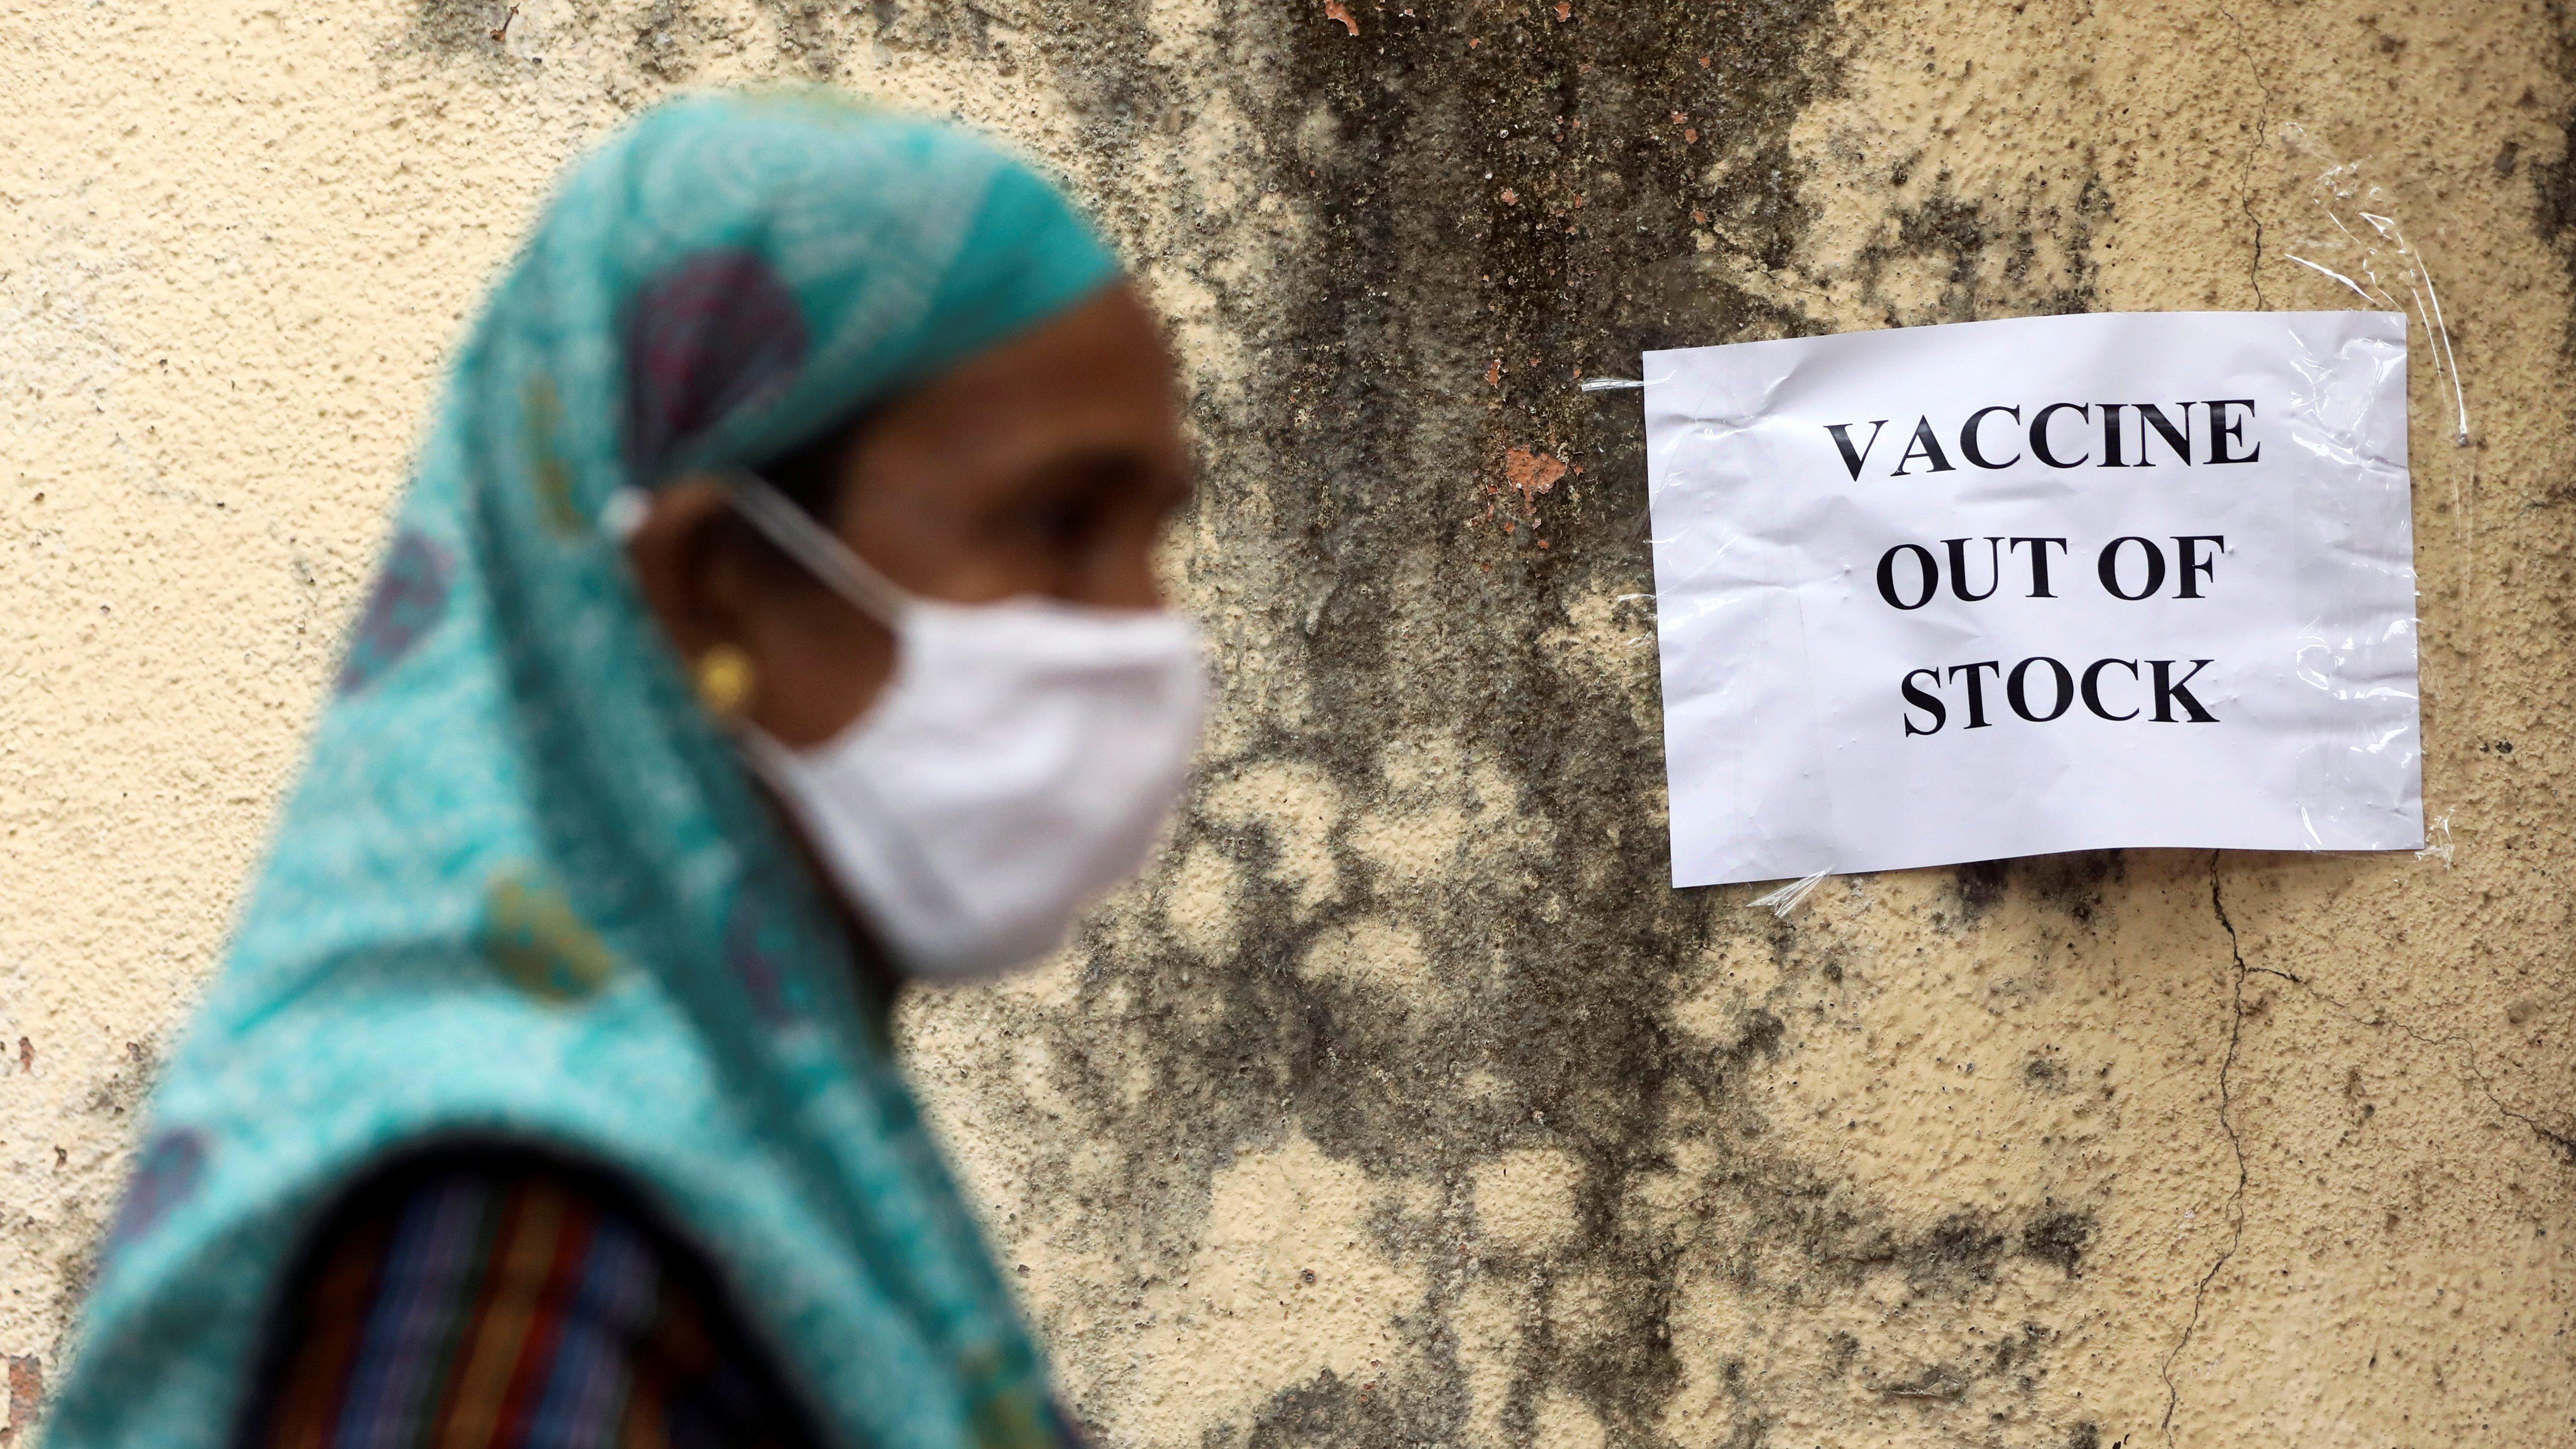 SII's vaccine shortage in India amid rising coronavirus cases — Quartz India